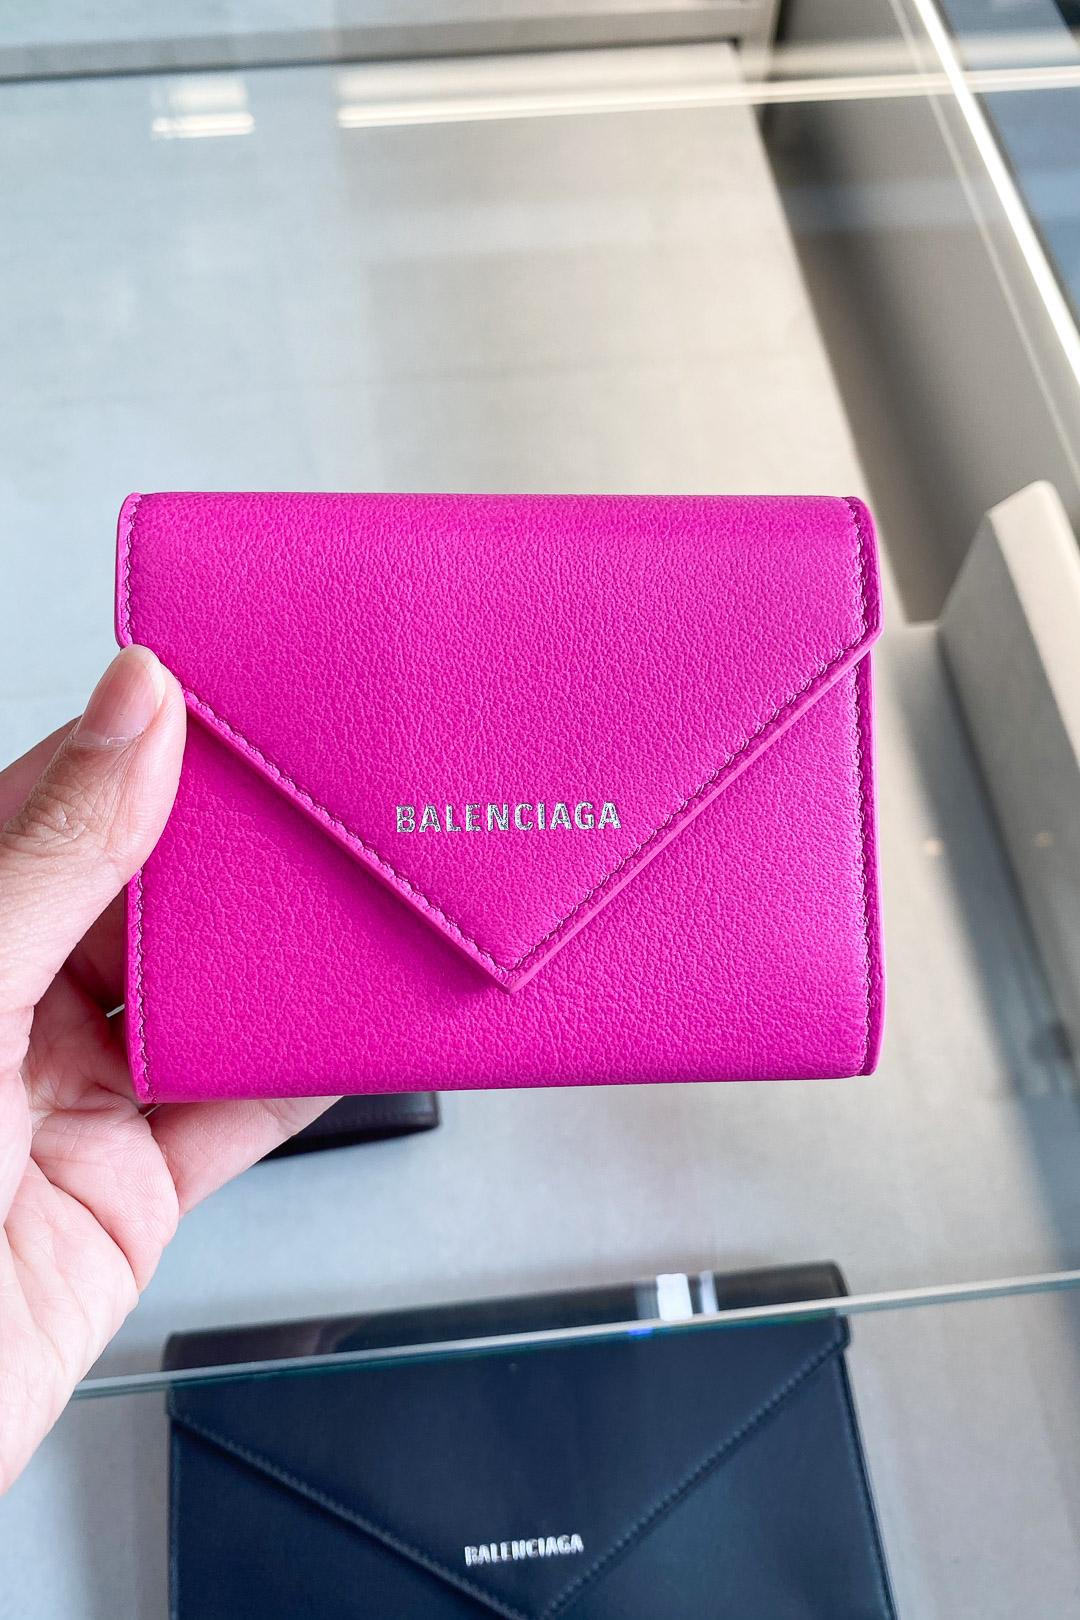 Balenciaga Women's Wallet